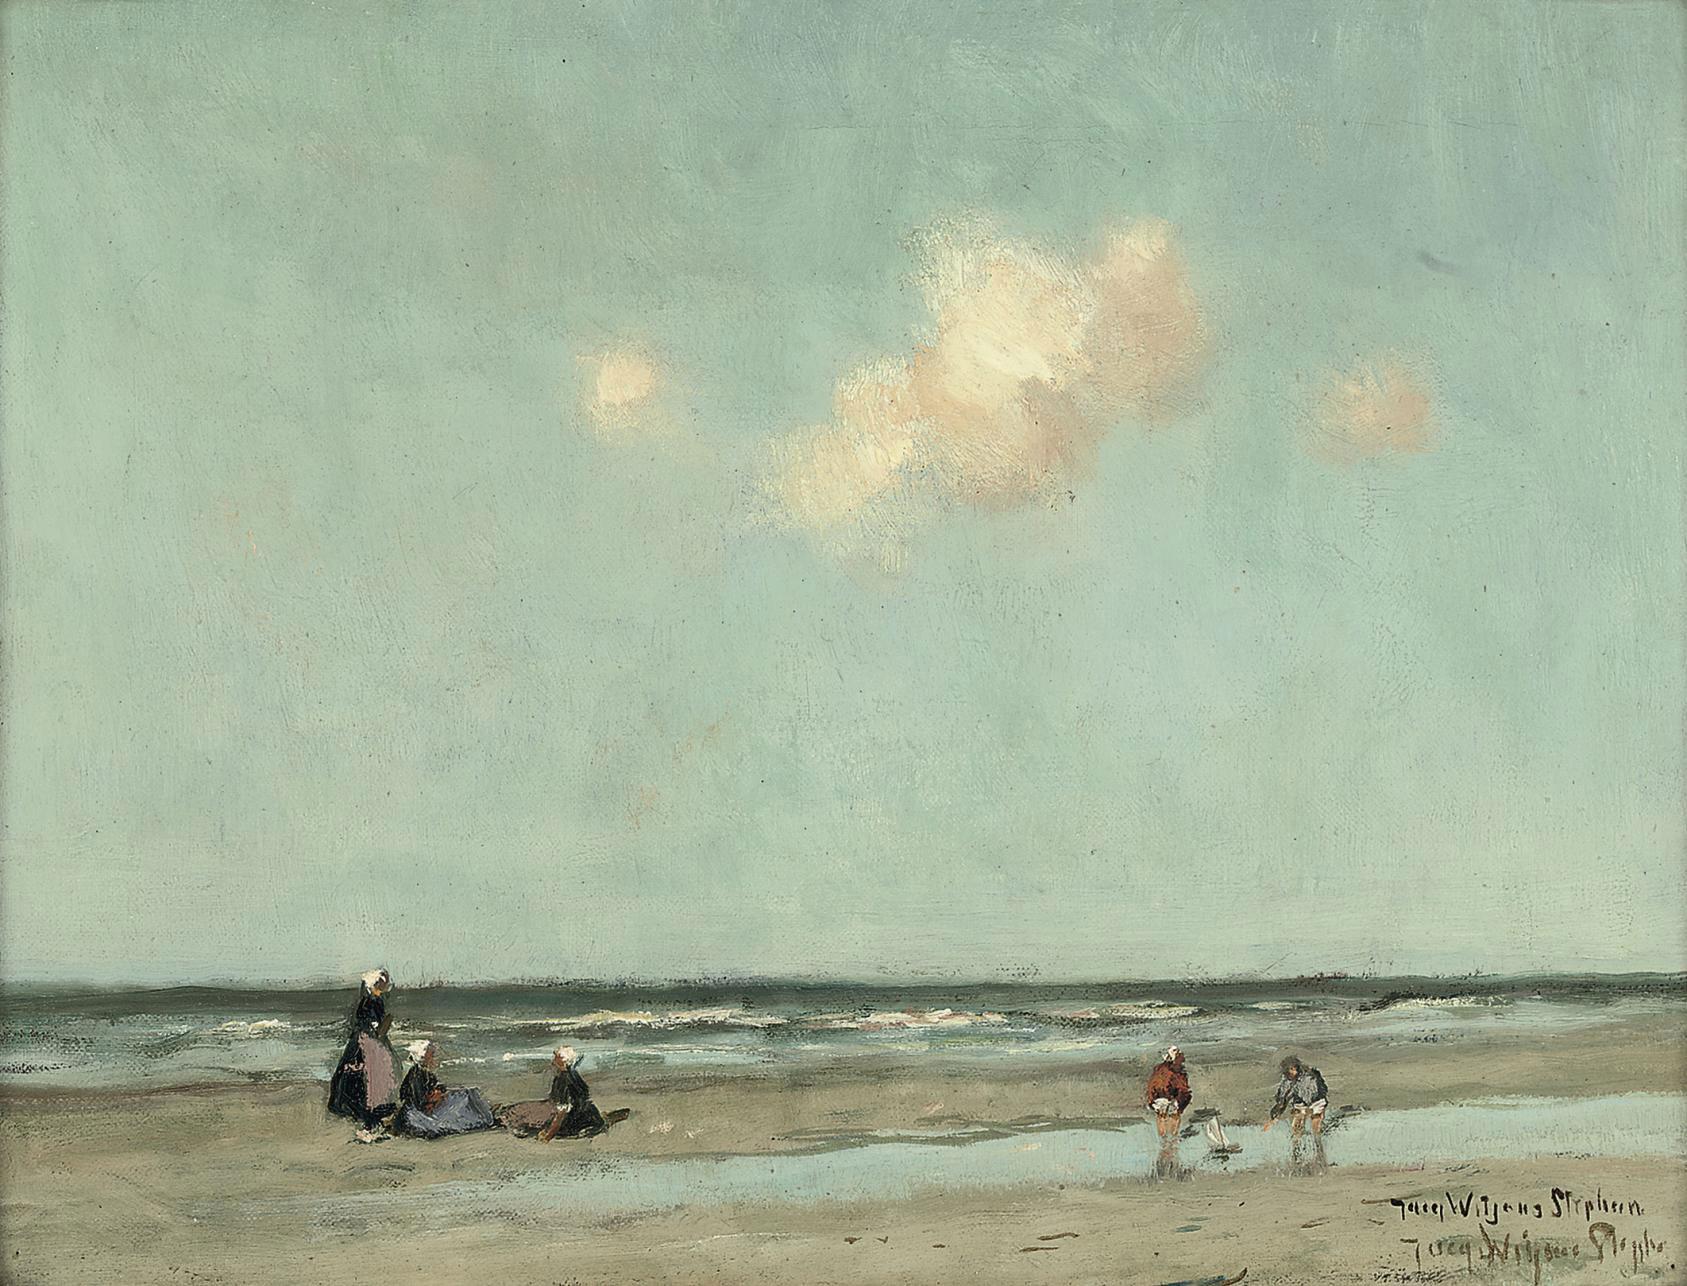 Jacques Witjens (Dutch, 1881-1